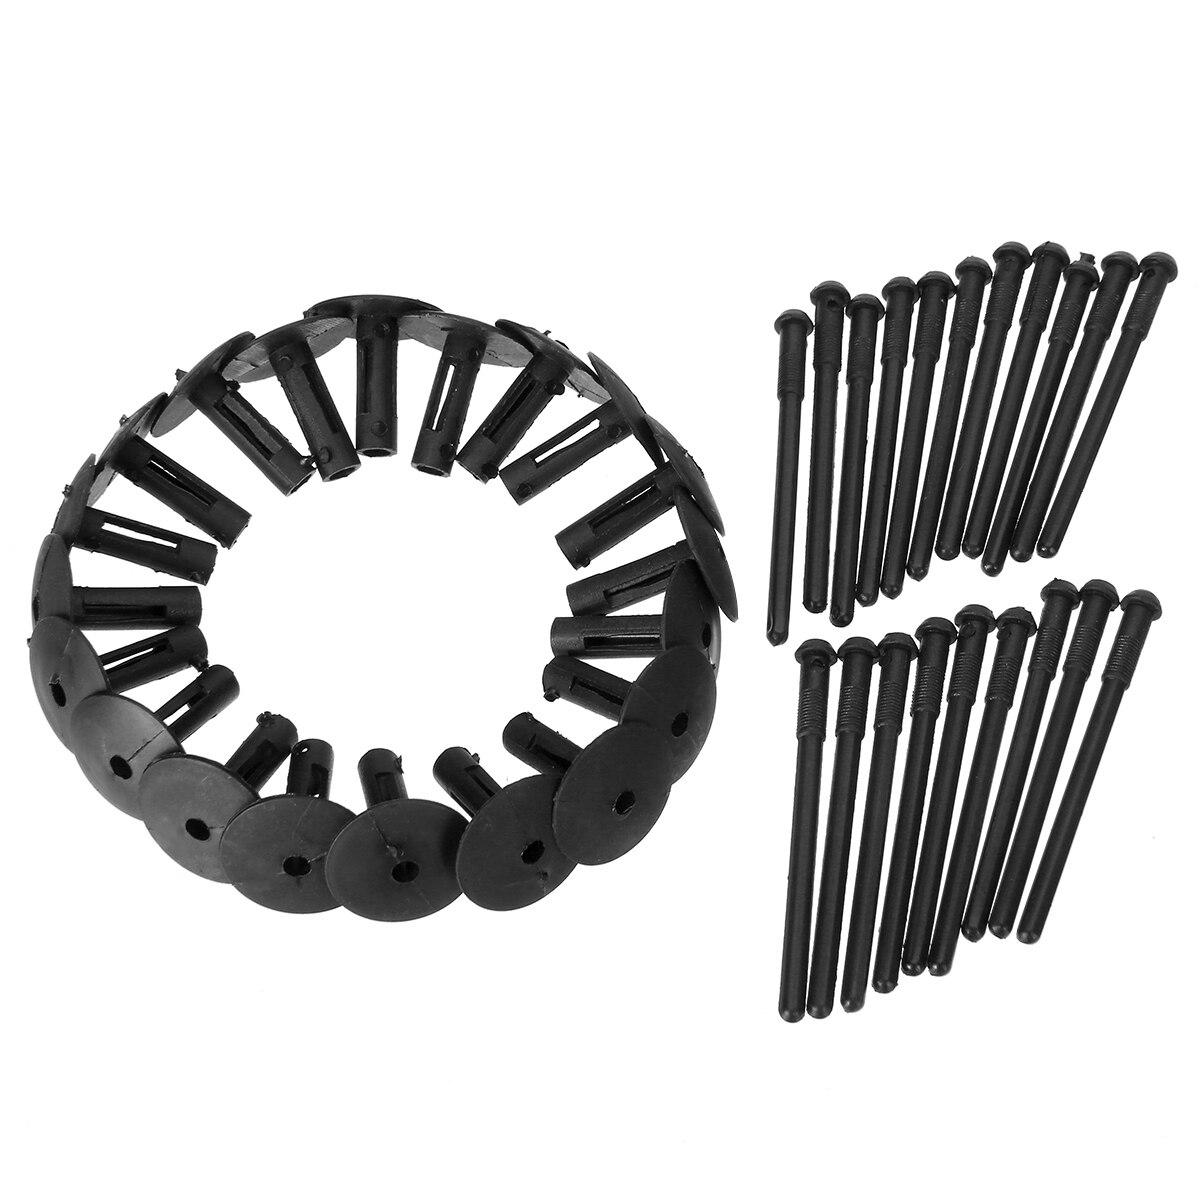 10 x bmw série 3 type de rivet en plastique Noir Panneau Garniture Corps Clips fastener